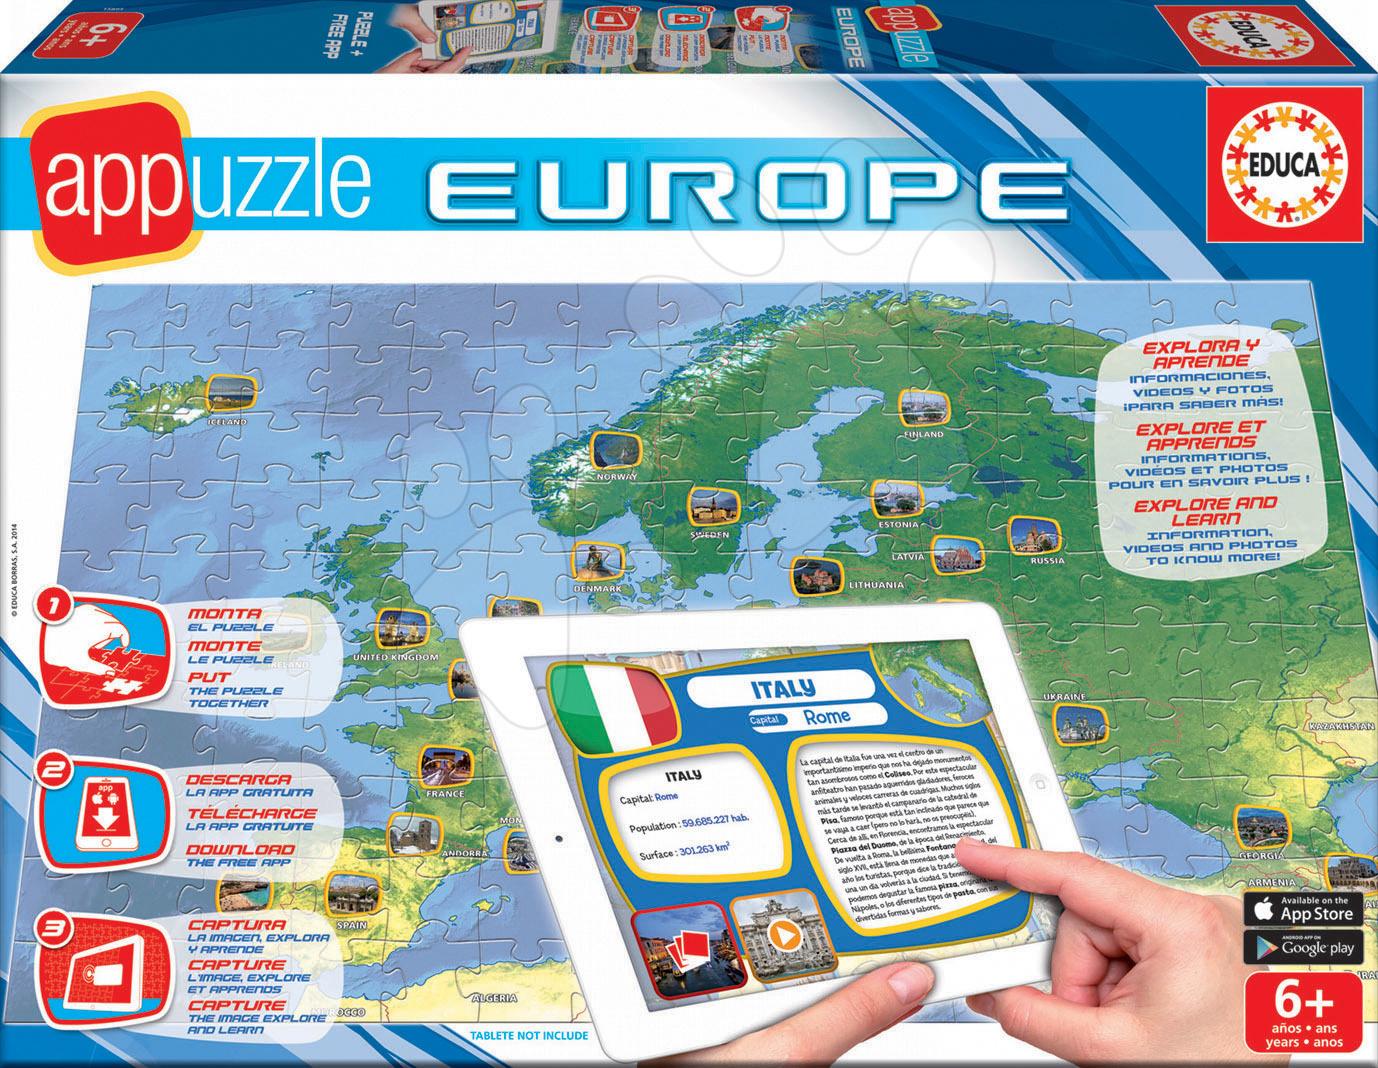 Cudzojazyčné spoločenské hry - Spoločenská hra Appuzzle Europe - Mapa Európy Educa v angličtine, francúzštine a španielčine od 6 rokov